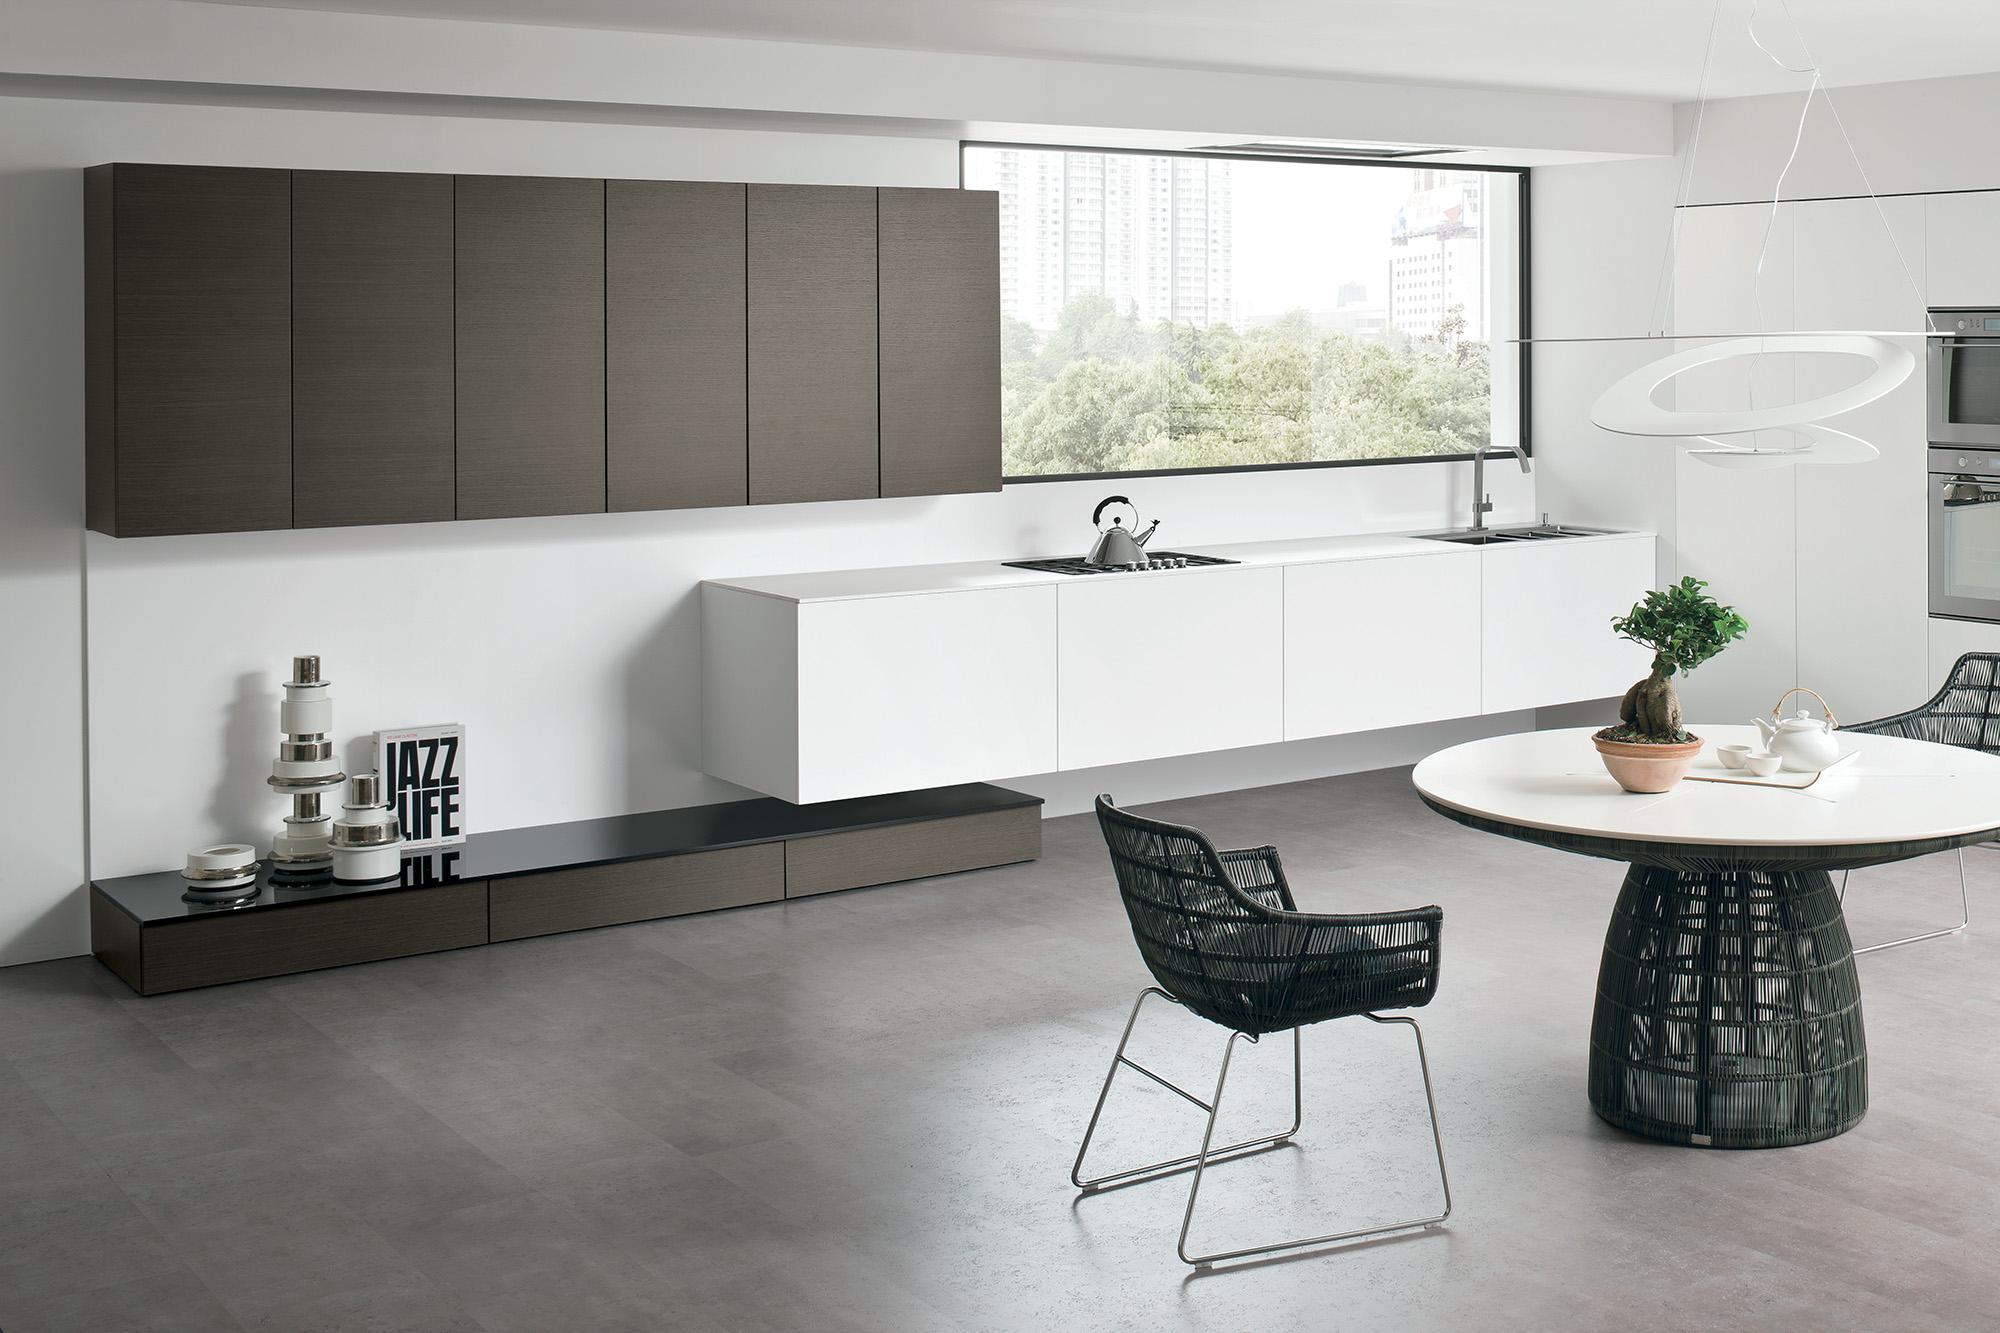 Cucine moderne in vendita presso Progetto Casa Arredamenti